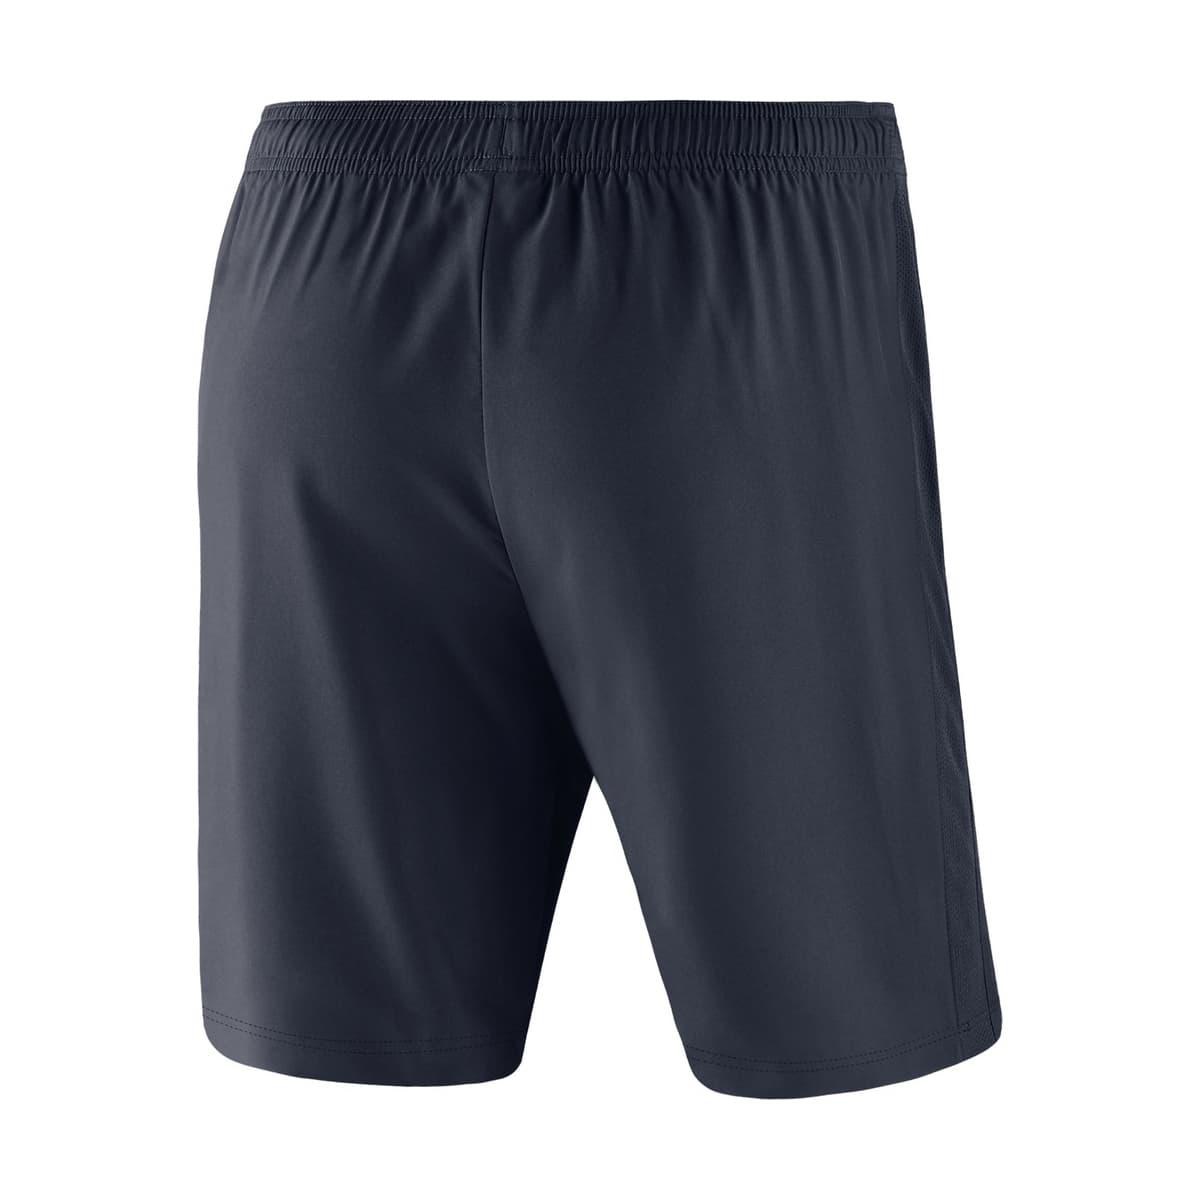 Dry Academy 18 Erkek Lacivert Futbol Şort (893787-451)